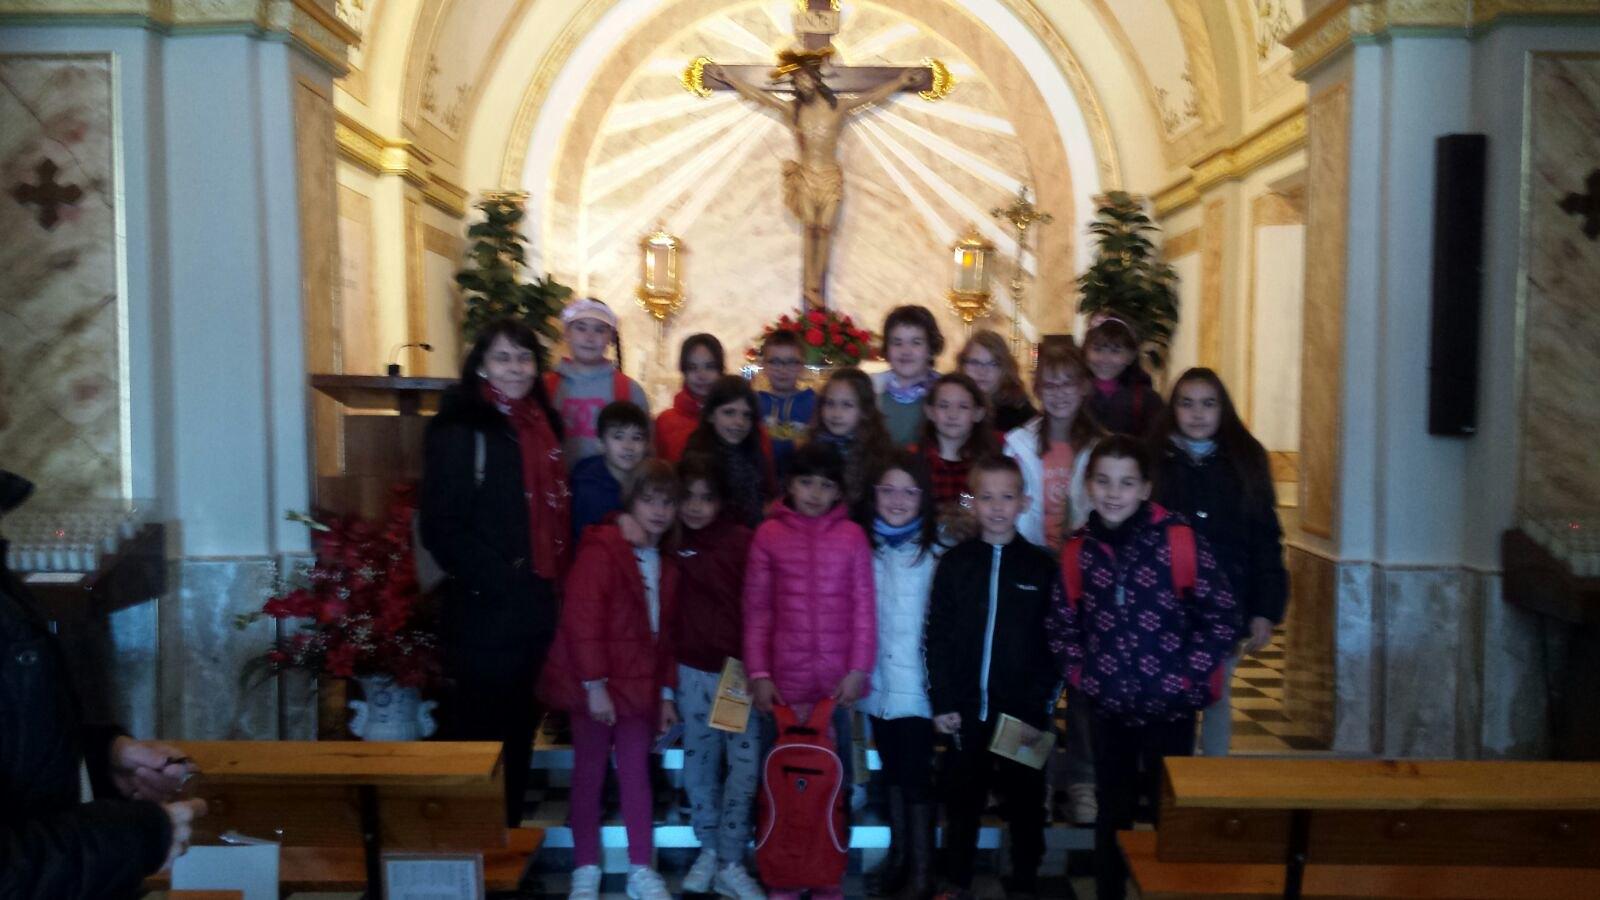 (2018-03-22) - Visita ermita alumnos Laura,3ºC, profesora religión Reina Sofia - Marzo -  María Isabel Berenguer Brotons (03)